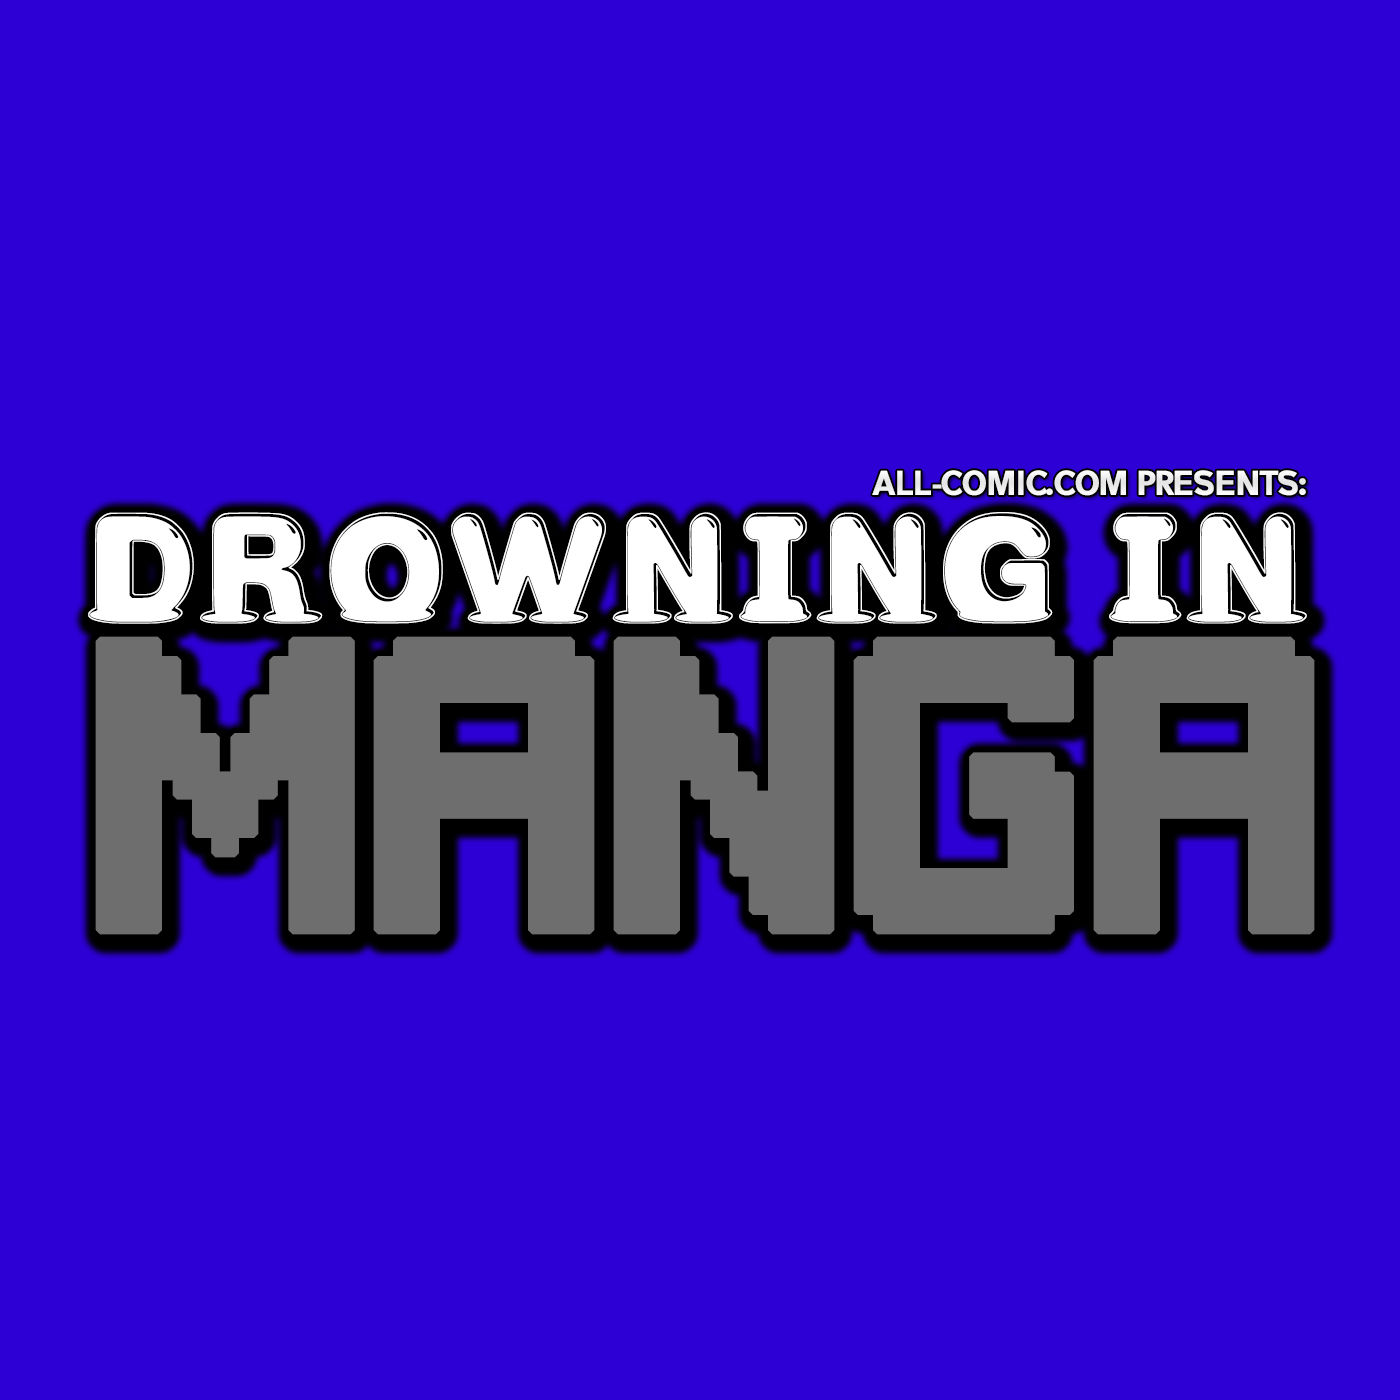 Drowning in Manga